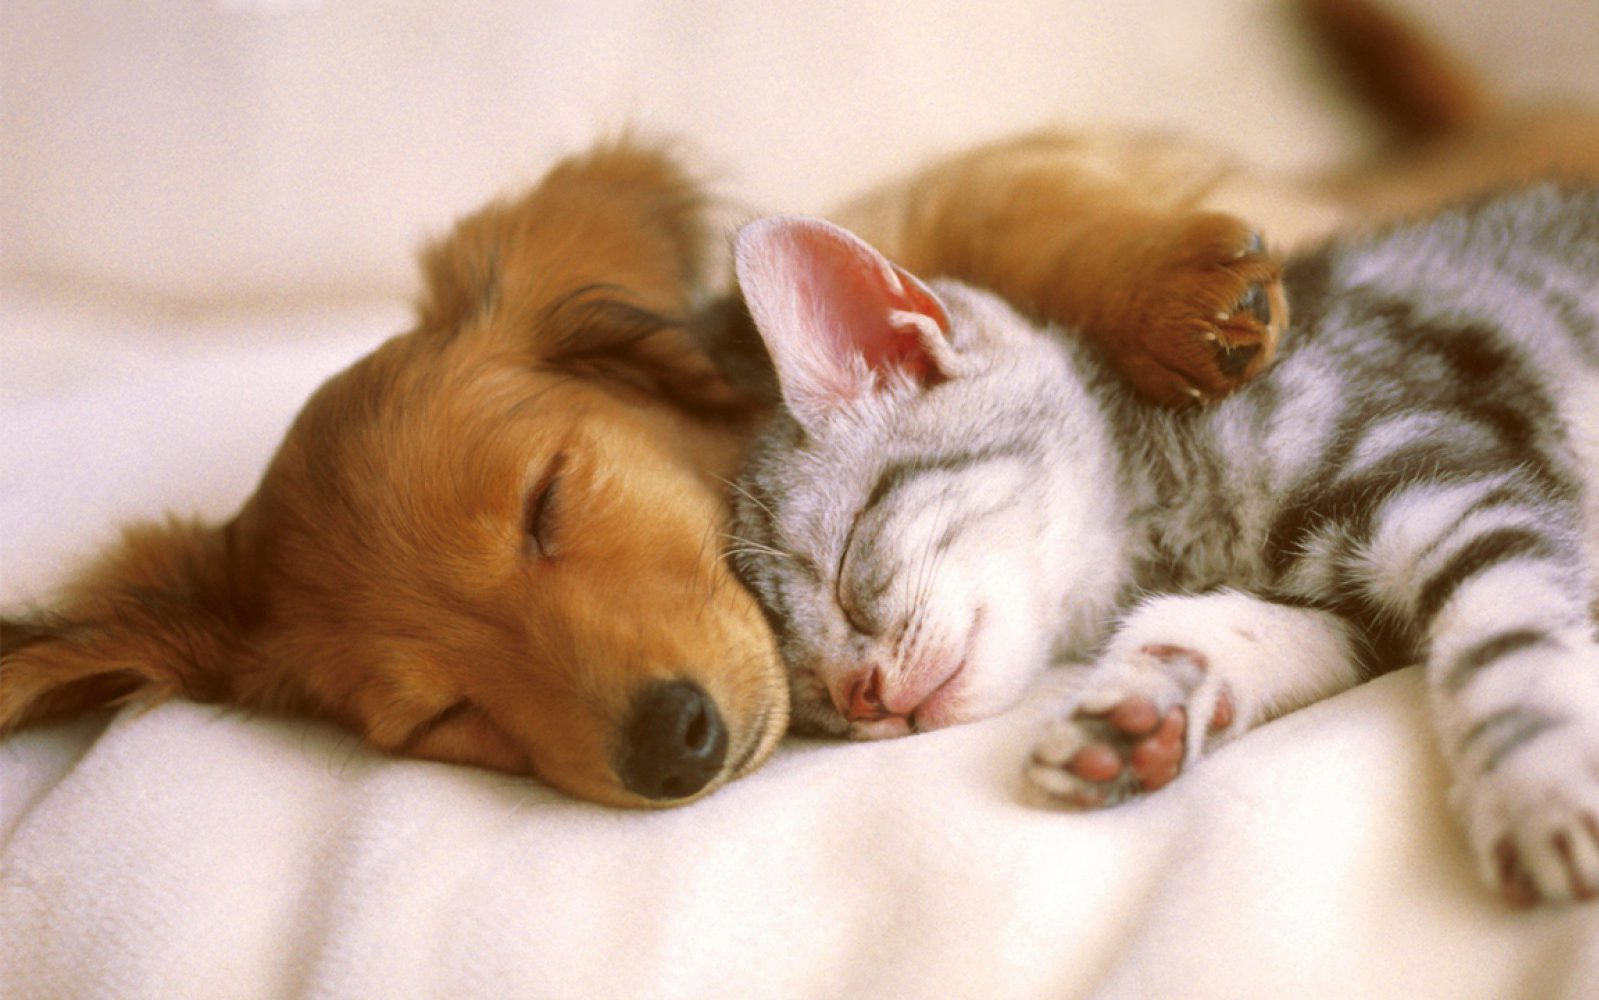 Animali domestici - Cani e gatti (2) Imc